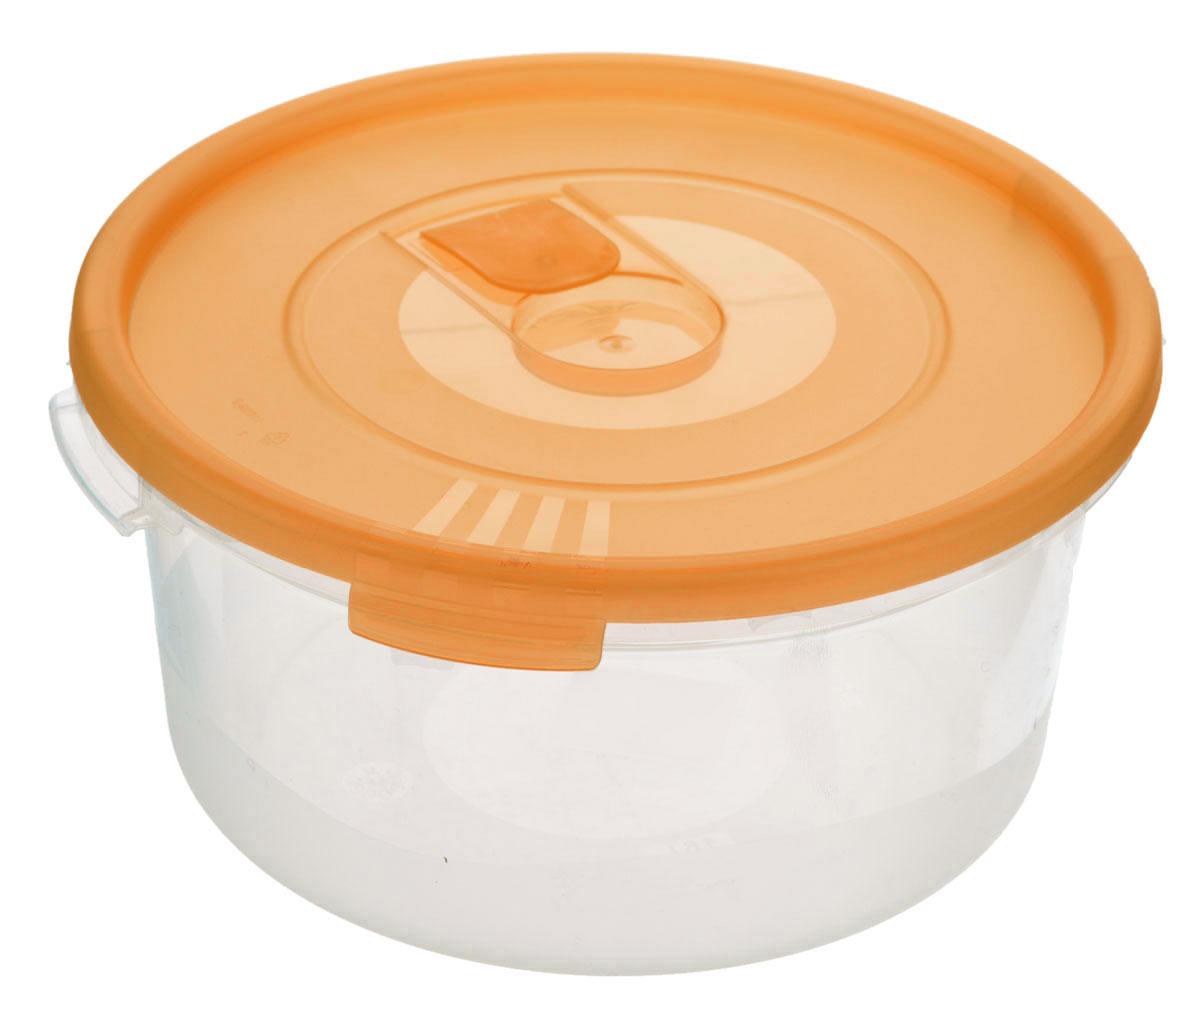 Контейнер Полимербыт Смайл, цвет: прозрачный, оранжевый, 1,6 лС522_оранжевыйКонтейнер Полимербыт Смайл круглой формы, изготовленный из прочного пластика, предназначен специально для хранения пищевых продуктов. Контейнер оснащен герметичной крышкой со специальным клапаном, благодаря которому внутри создается вакуум, и продукты дольше сохраняют свежесть и аромат. Крышка легко открывается и плотно закрывается. Стенки контейнера прозрачные - хорошо видно, что внутри. Контейнер устойчив к воздействию масел и жиров, легко моется. Имеет возможность хранения продуктов глубокой заморозки, обладает высокой прочностью. Можно мыть в посудомоечной машине. Подходит для использования в микроволновых печах. Диаметр: 20 см. Высота (без крышки): 9 см.